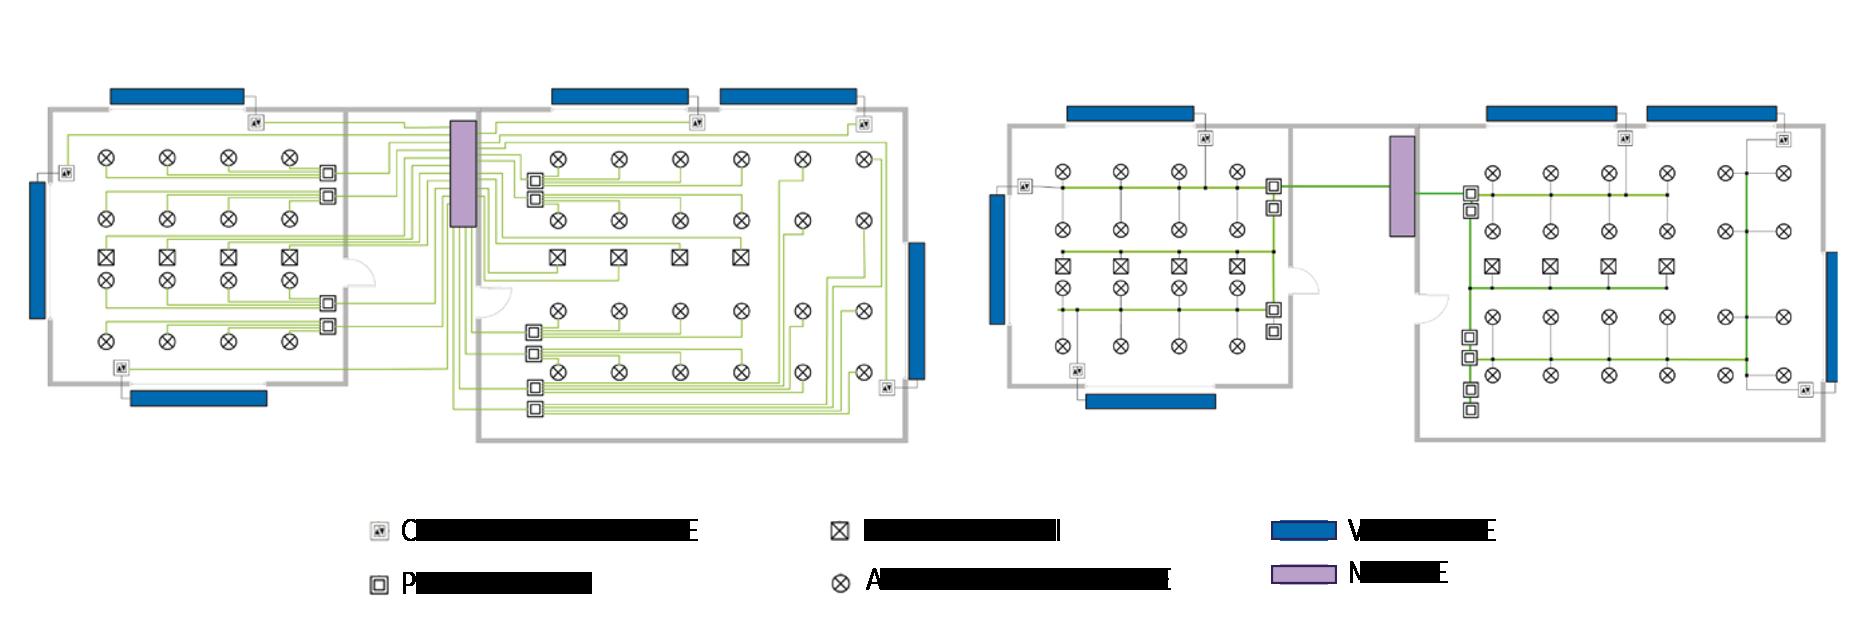 schema installazione elettrotecnica rapporto tra sistema tradizionale e sistema woertz